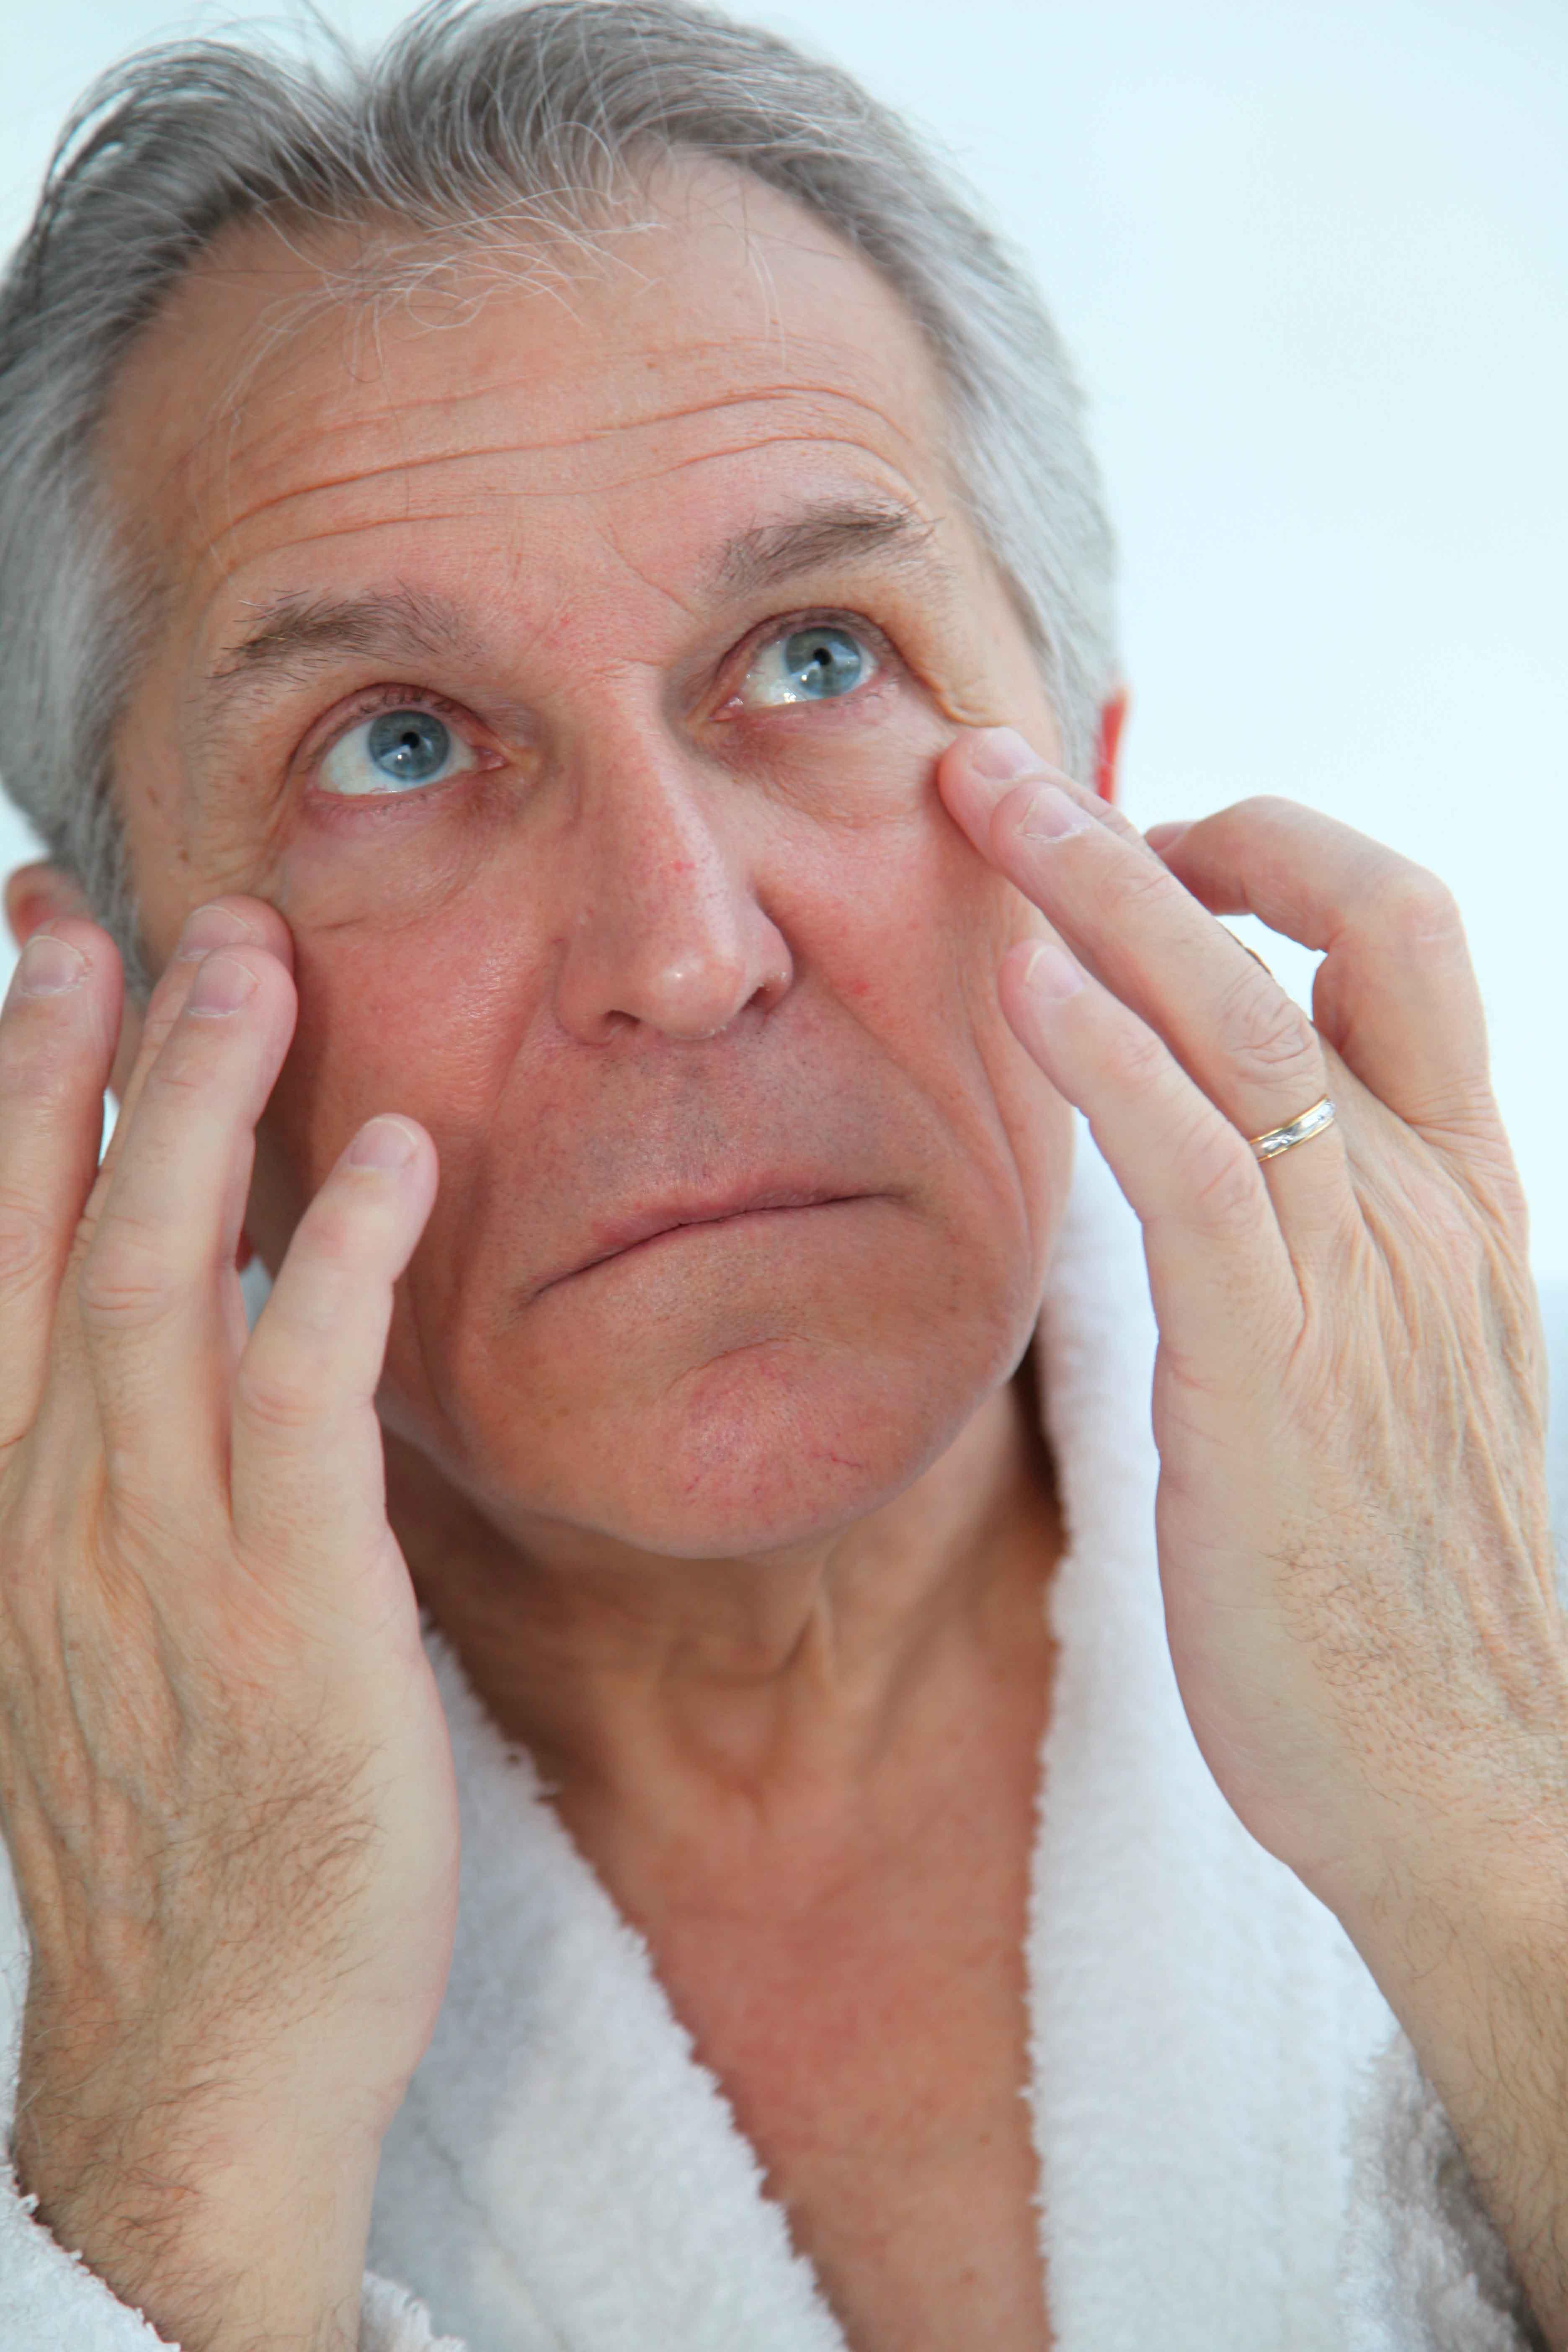 警惕眼外伤的危害 家长必知眼外伤应急术